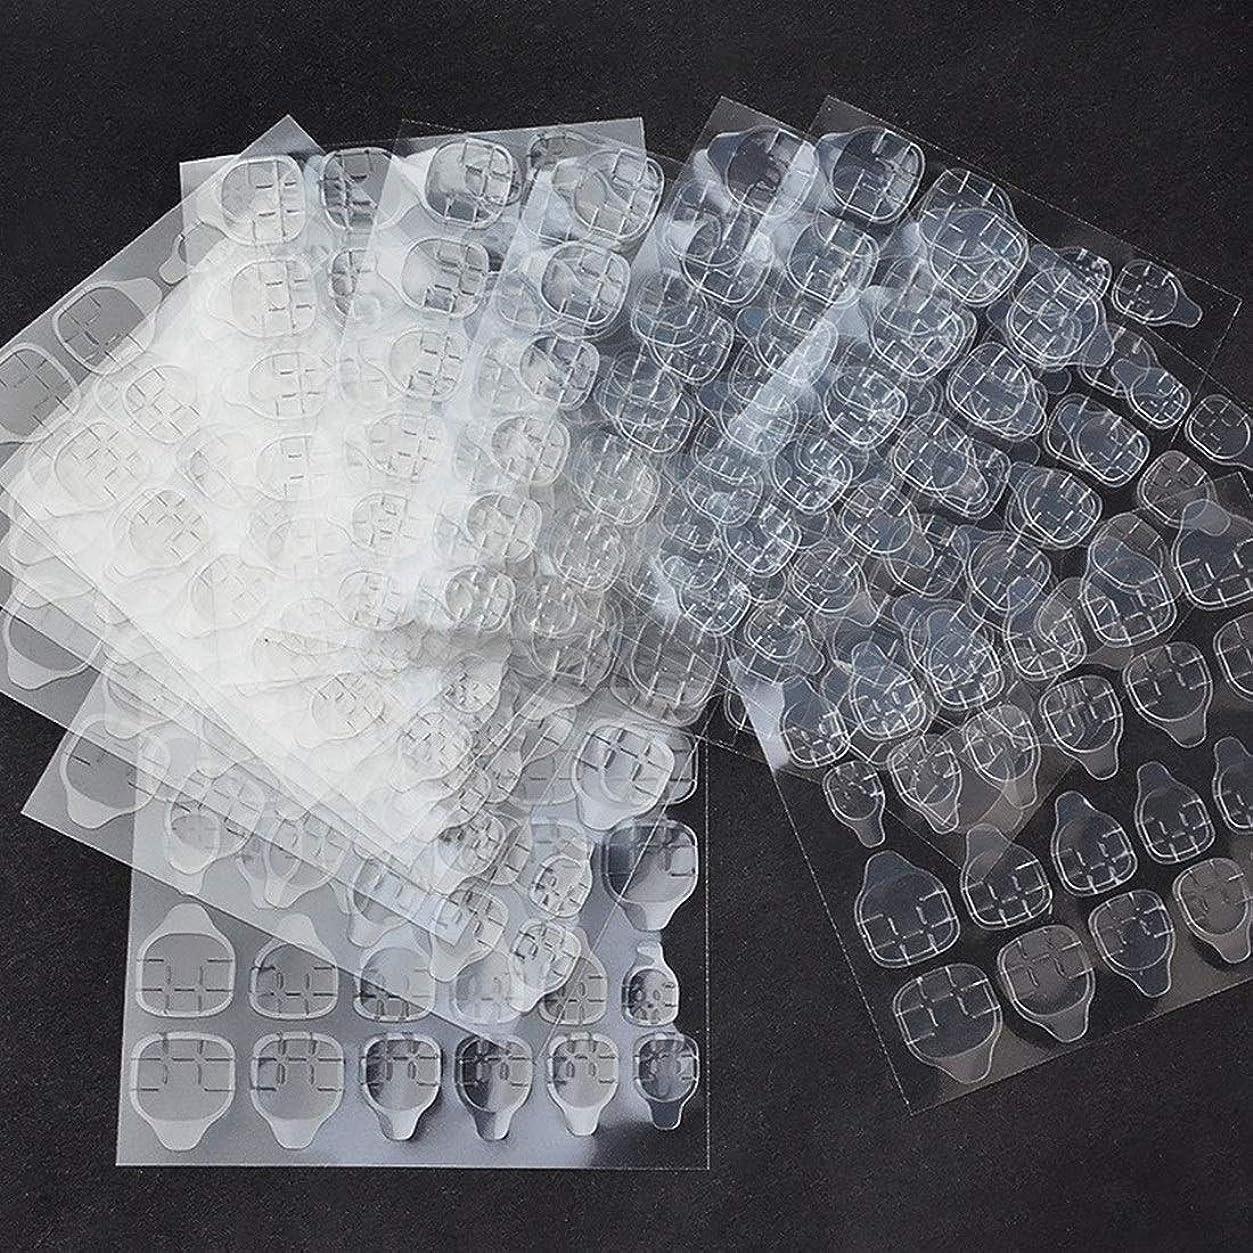 謝罪ネズミ五CUBCBIIS 10枚防水通気性透明超薄型両面接着タブネイルグルーステッカー偽ネイルのヒント